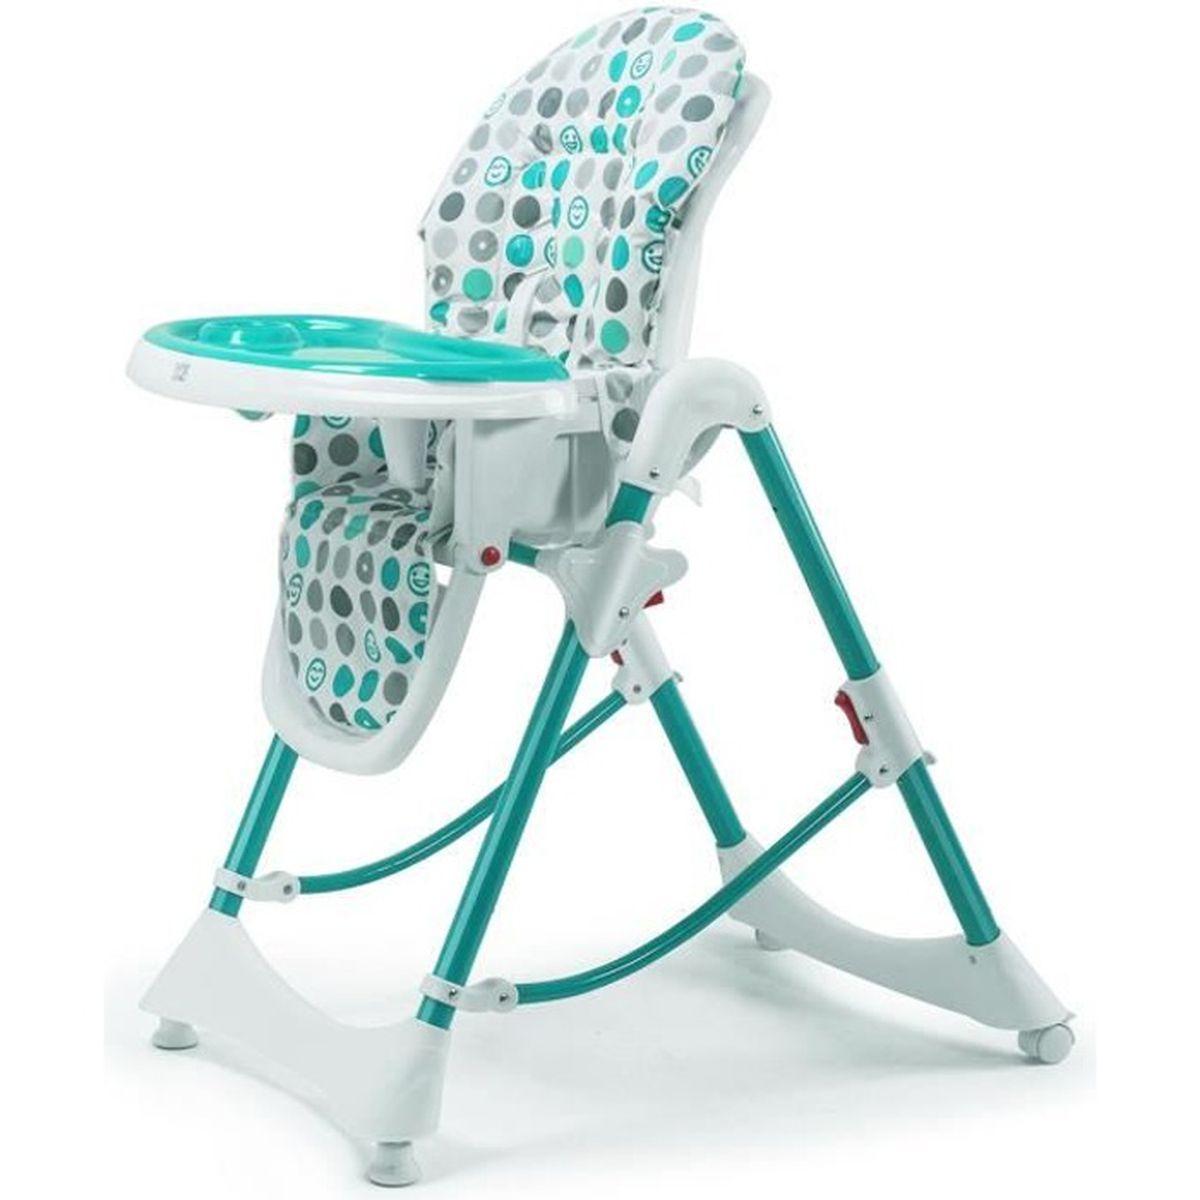 baby vivo chaise haute r glable pour b b enfant avec tablette de 6 mois 3 ans tippy turquoise. Black Bedroom Furniture Sets. Home Design Ideas